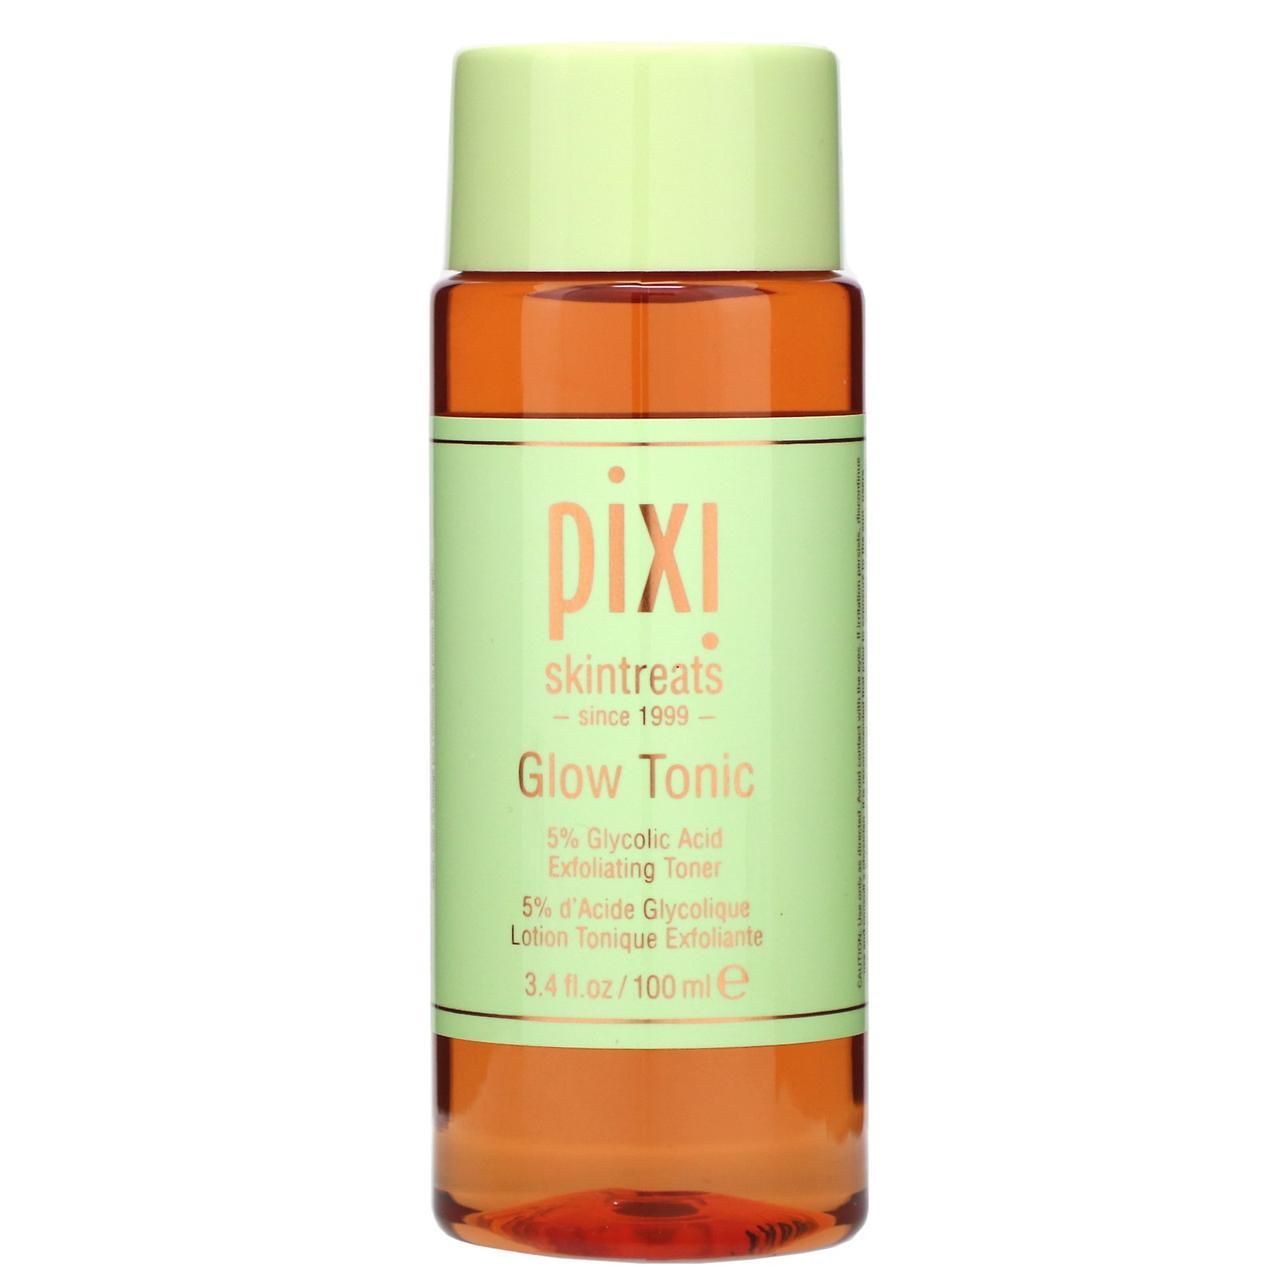 Отшелушивающий тоник с гликолевой кослотой Pixi Beauty, Skintreats, Glow Tonic